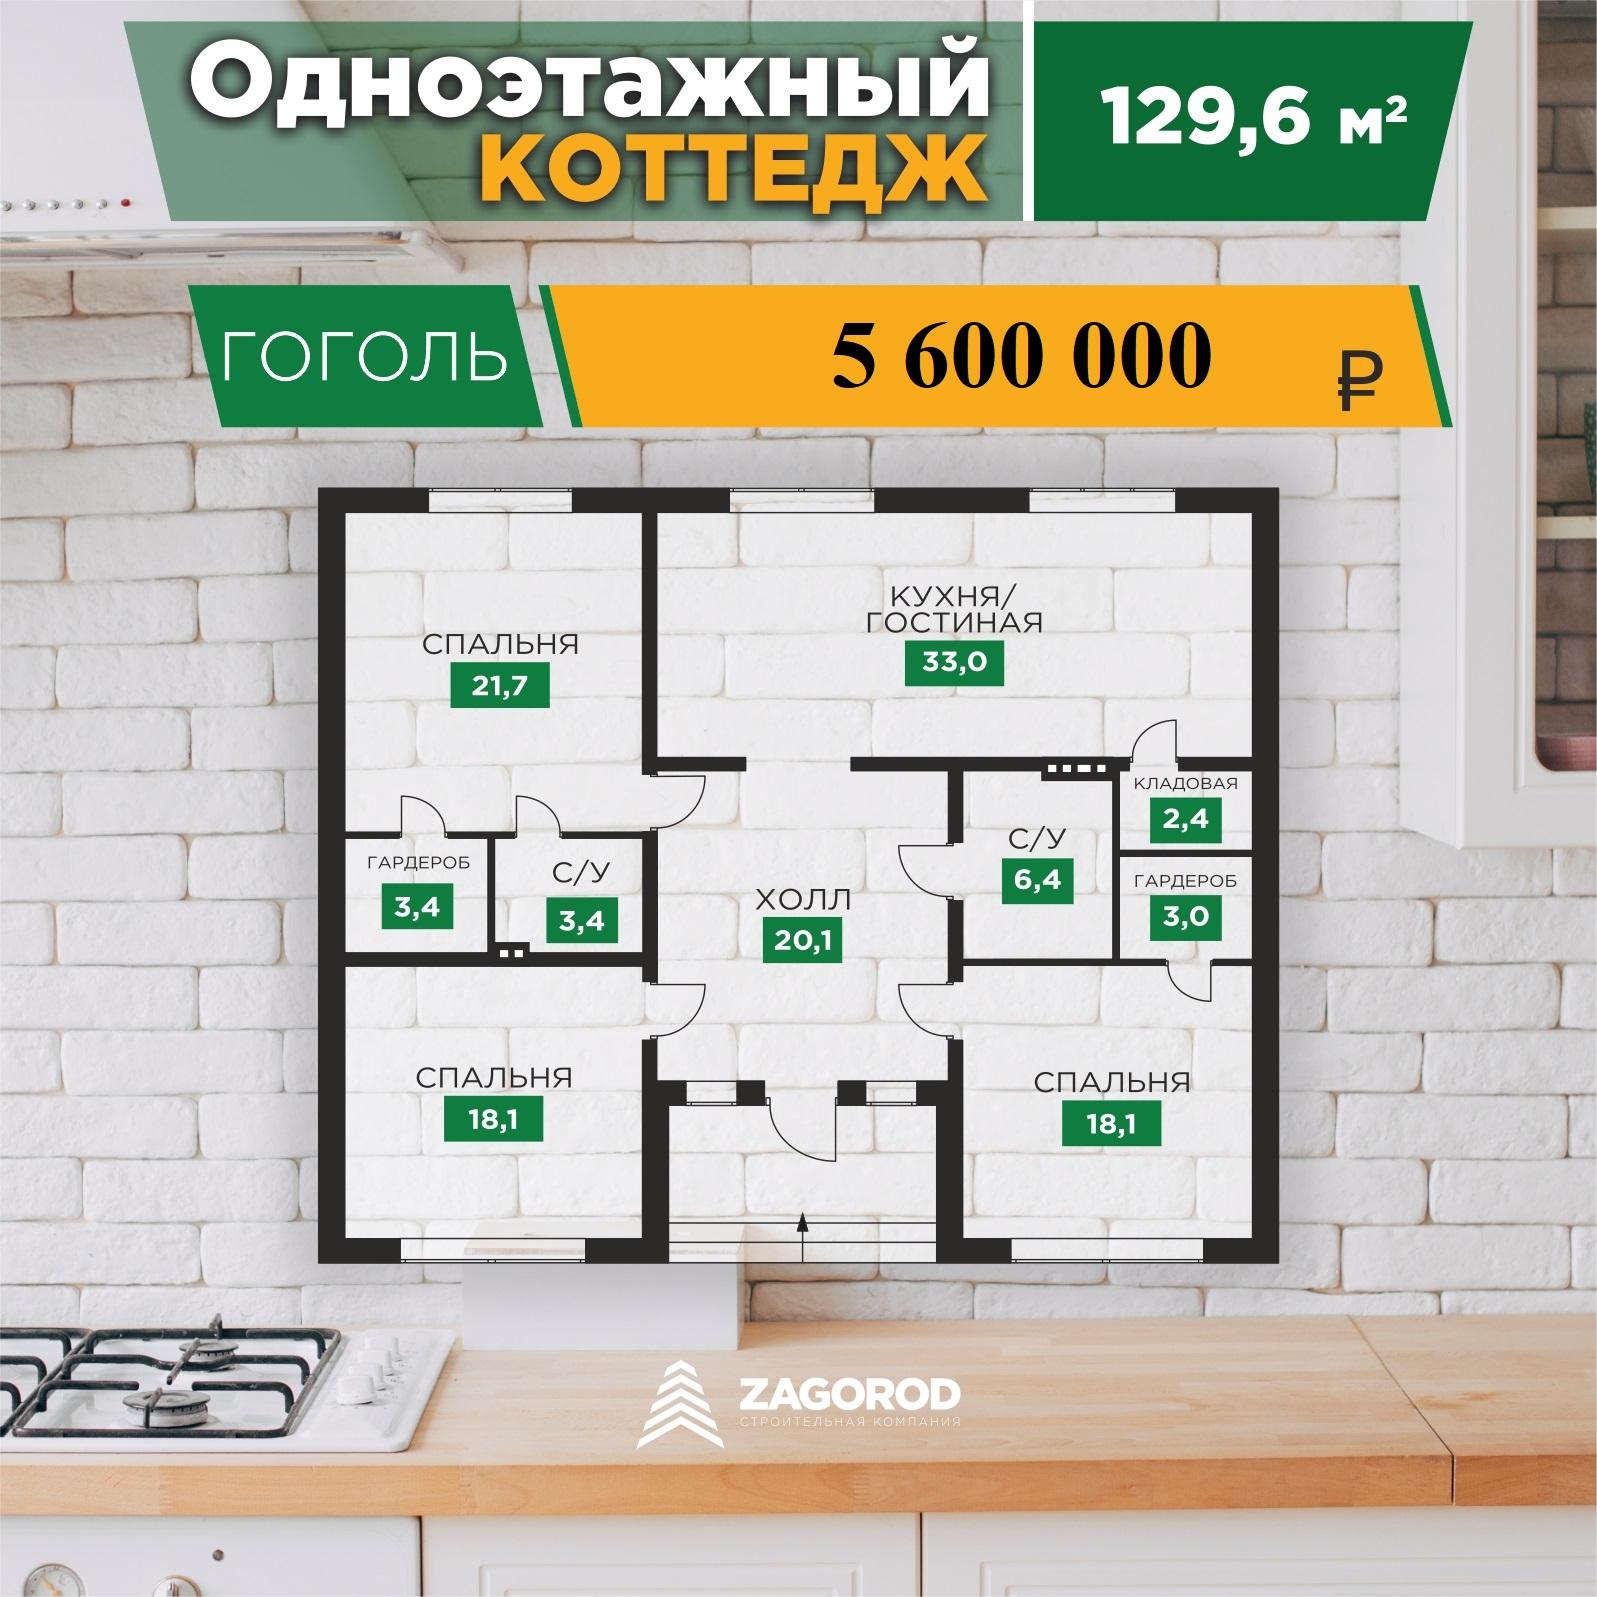 Коттедж «Гоголь» — 129,60 м2